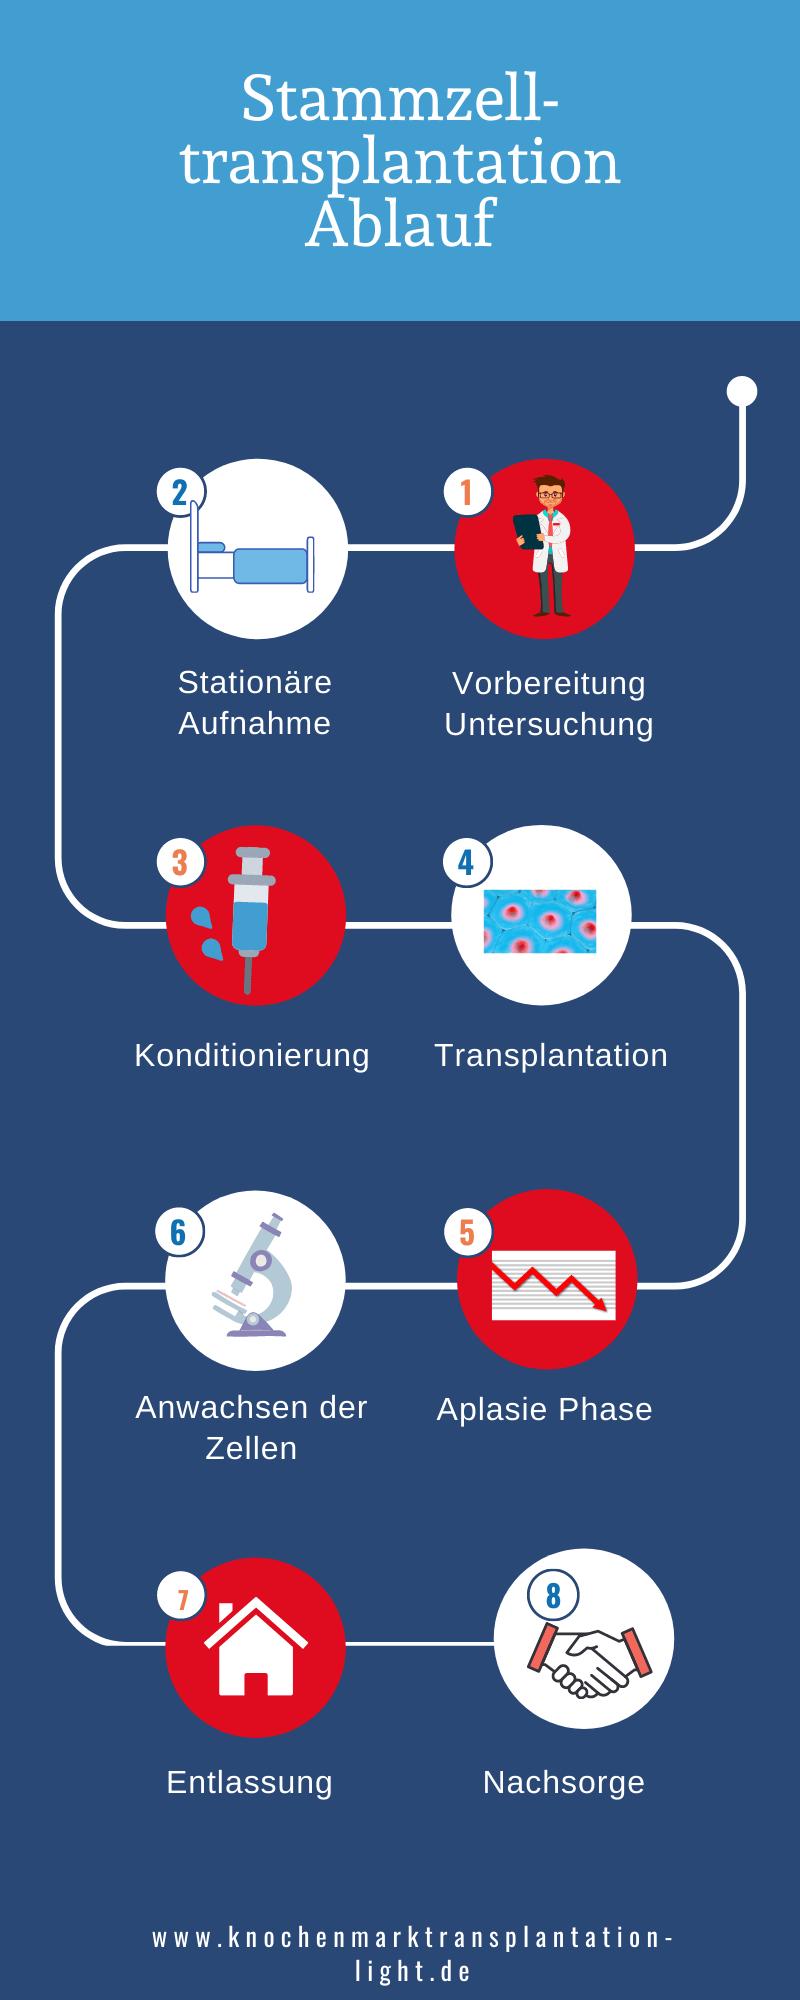 Ablauf Stammzelltransplantation